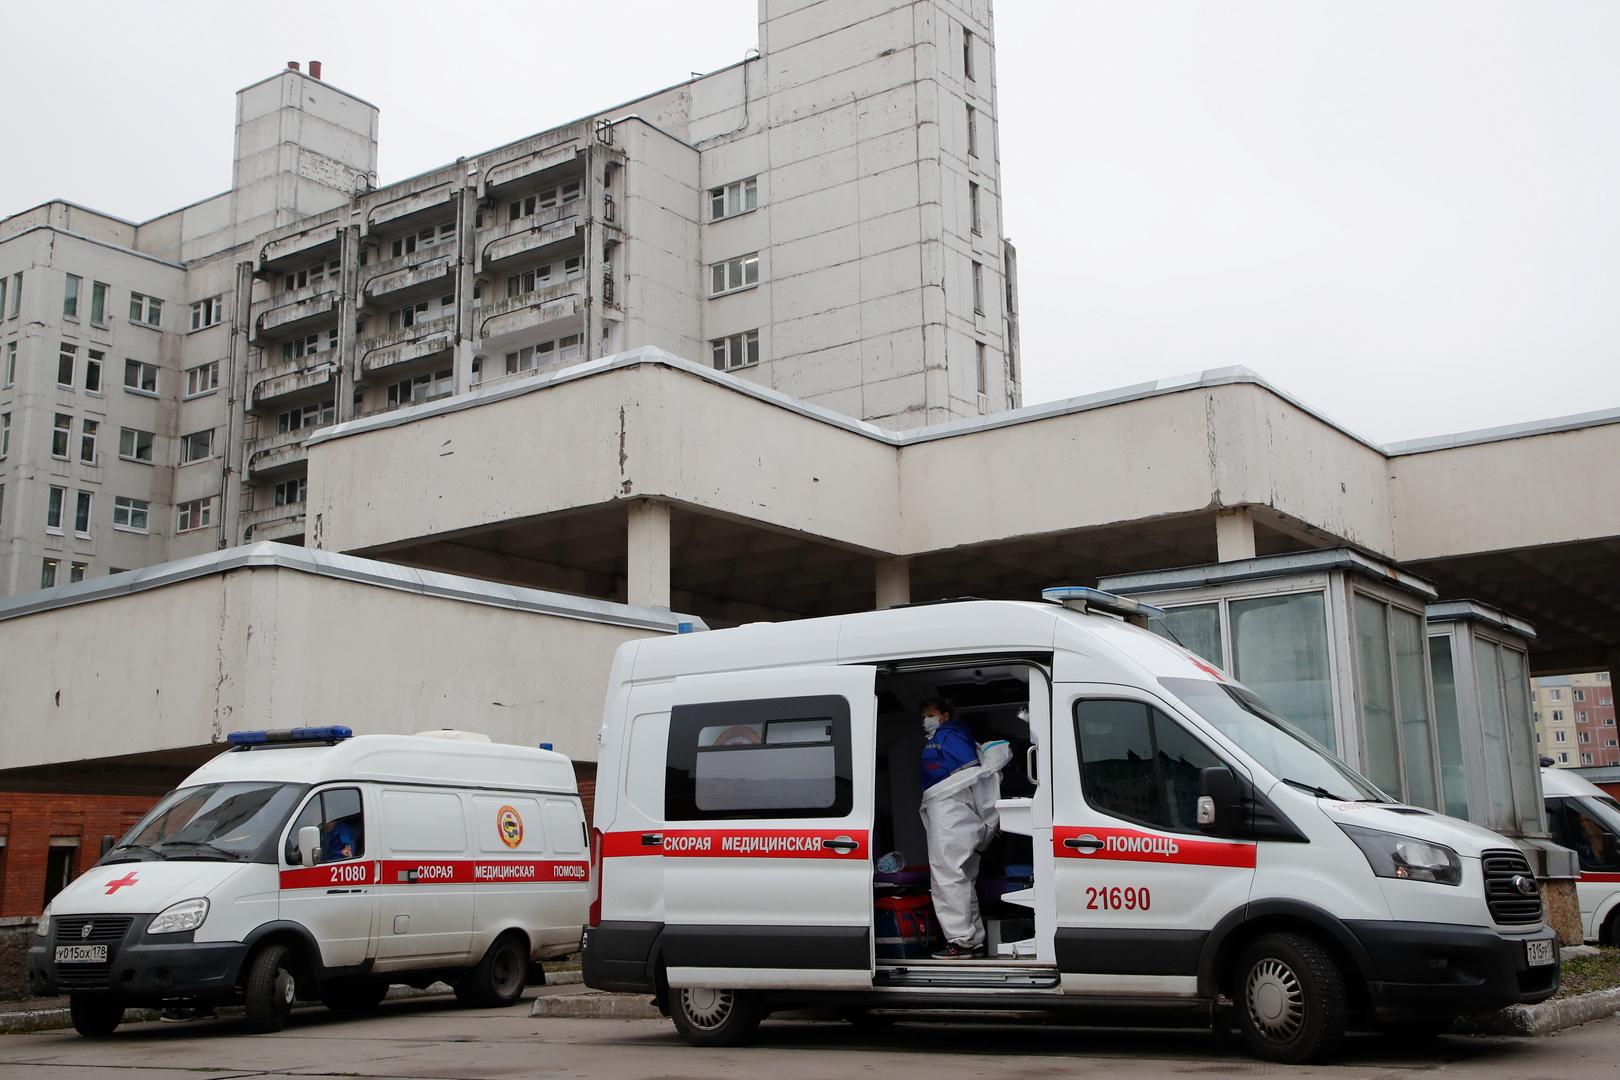 روسيا تسجل أكثر من 490 وفاة و21 ألف إصابة بكورونا خلال 24 ساعة